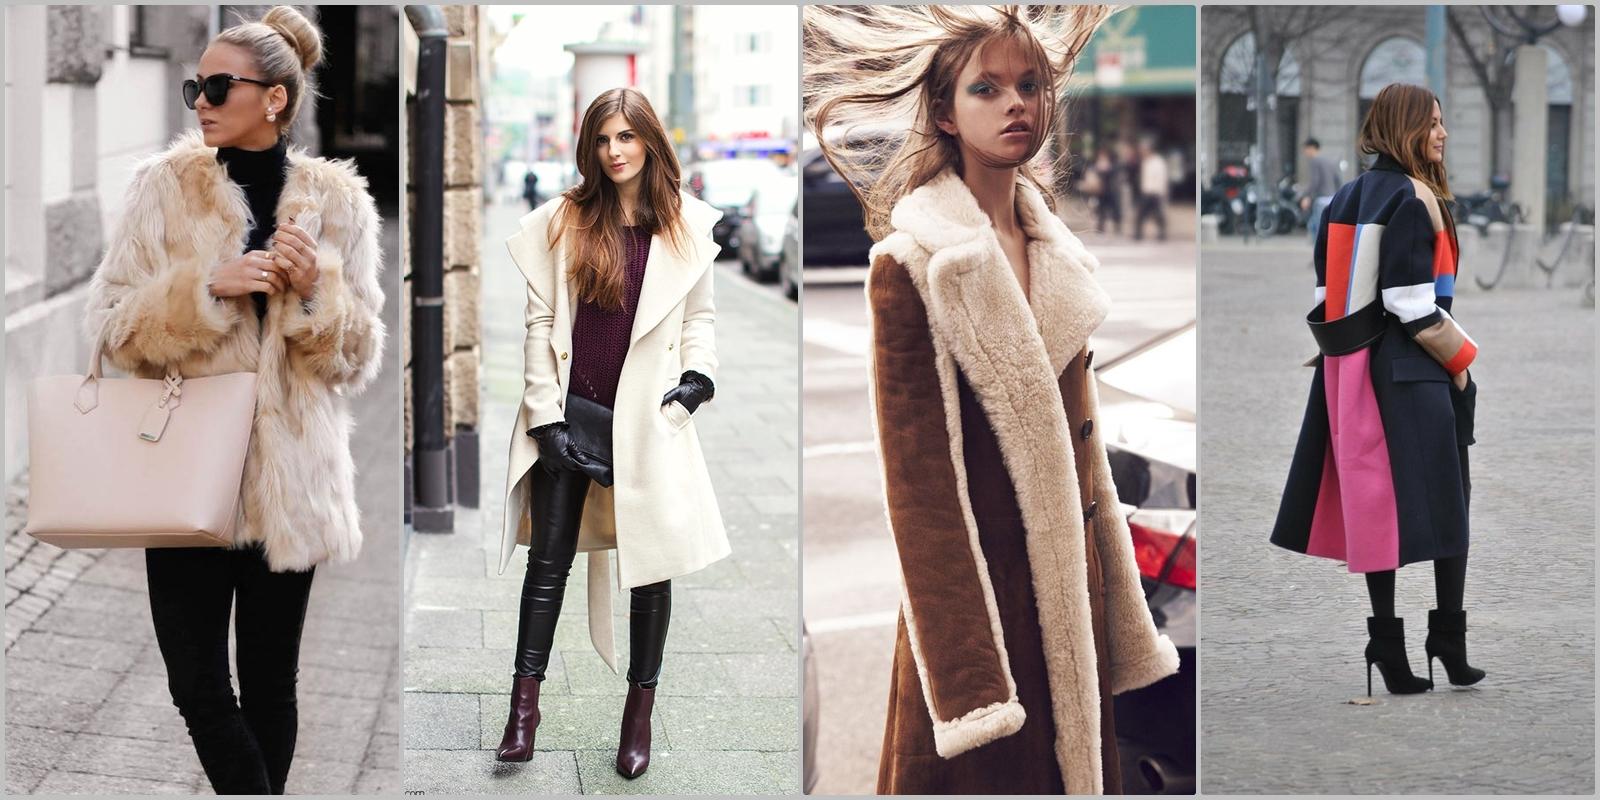 29cc45c2cc Inkább enyhébb napokra javaslom, amikor a kabát már inkább dekorációs elem,  mintsem ténylegesen funkciót tölt be. Összegombolva gyakran szélesít.